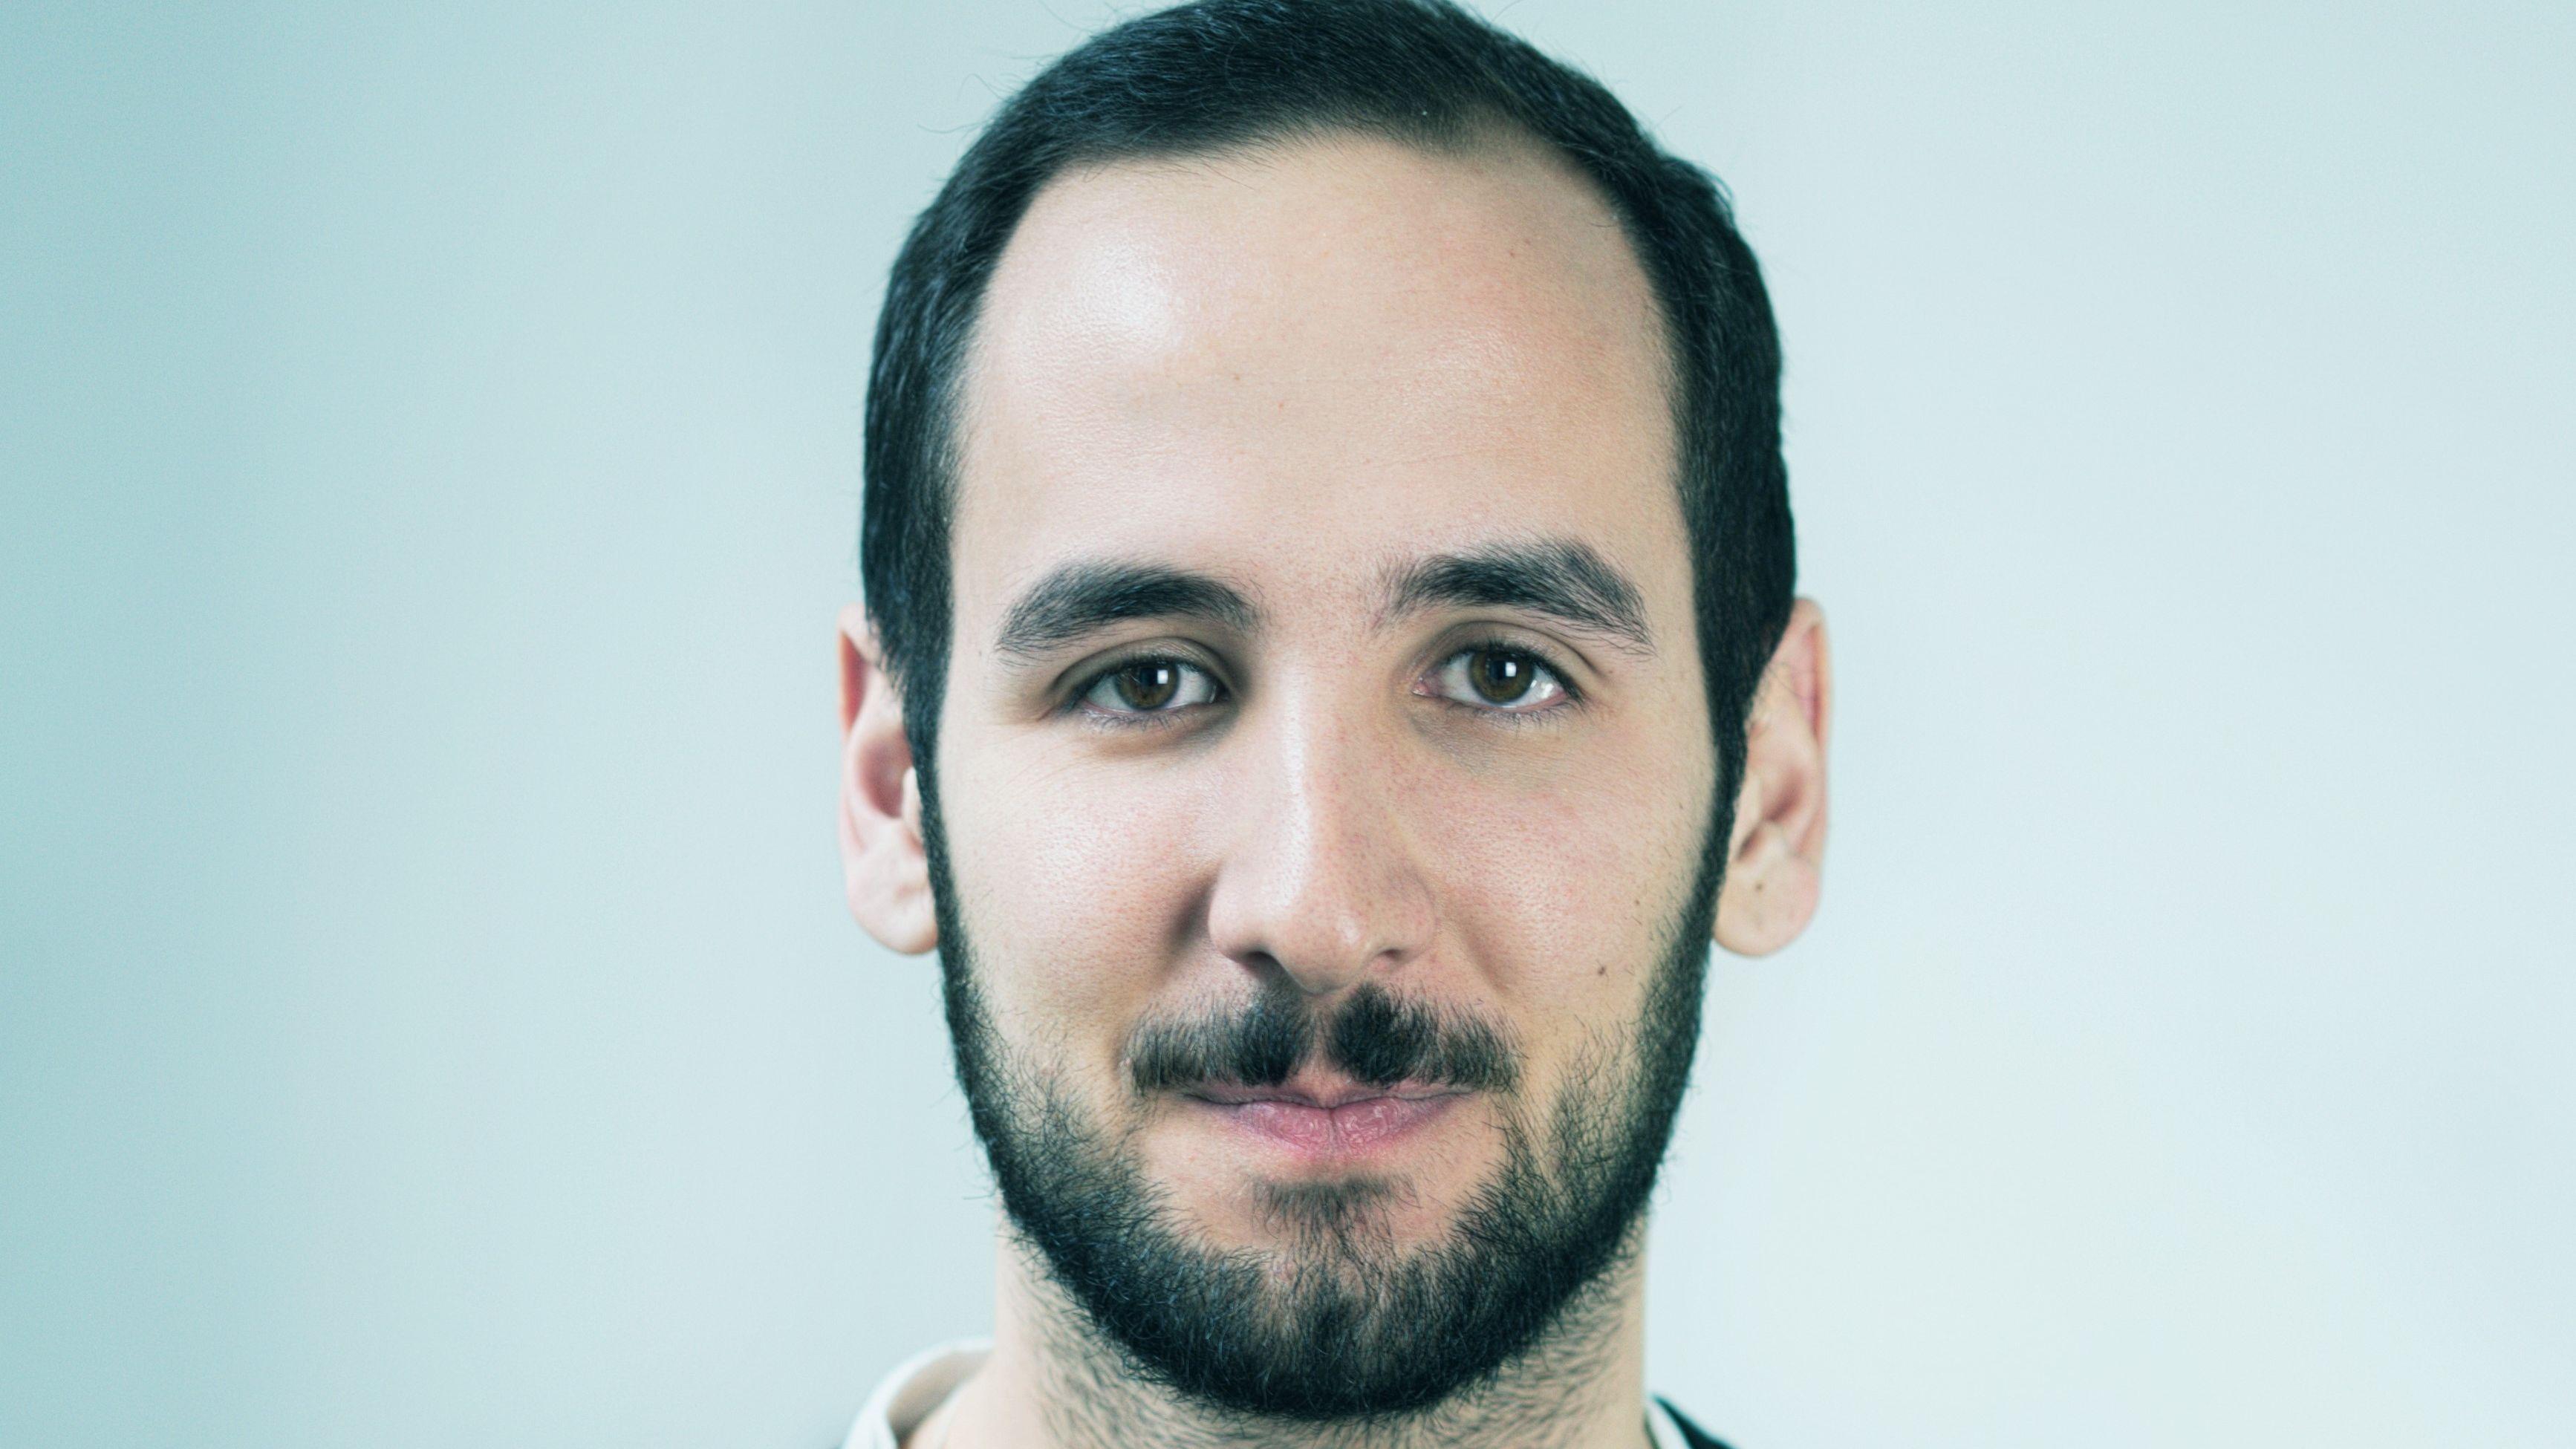 Einer von fast 43.000 Teilnehmern beim Hackathon #wirvsvirus: Louis Mappes aus München.